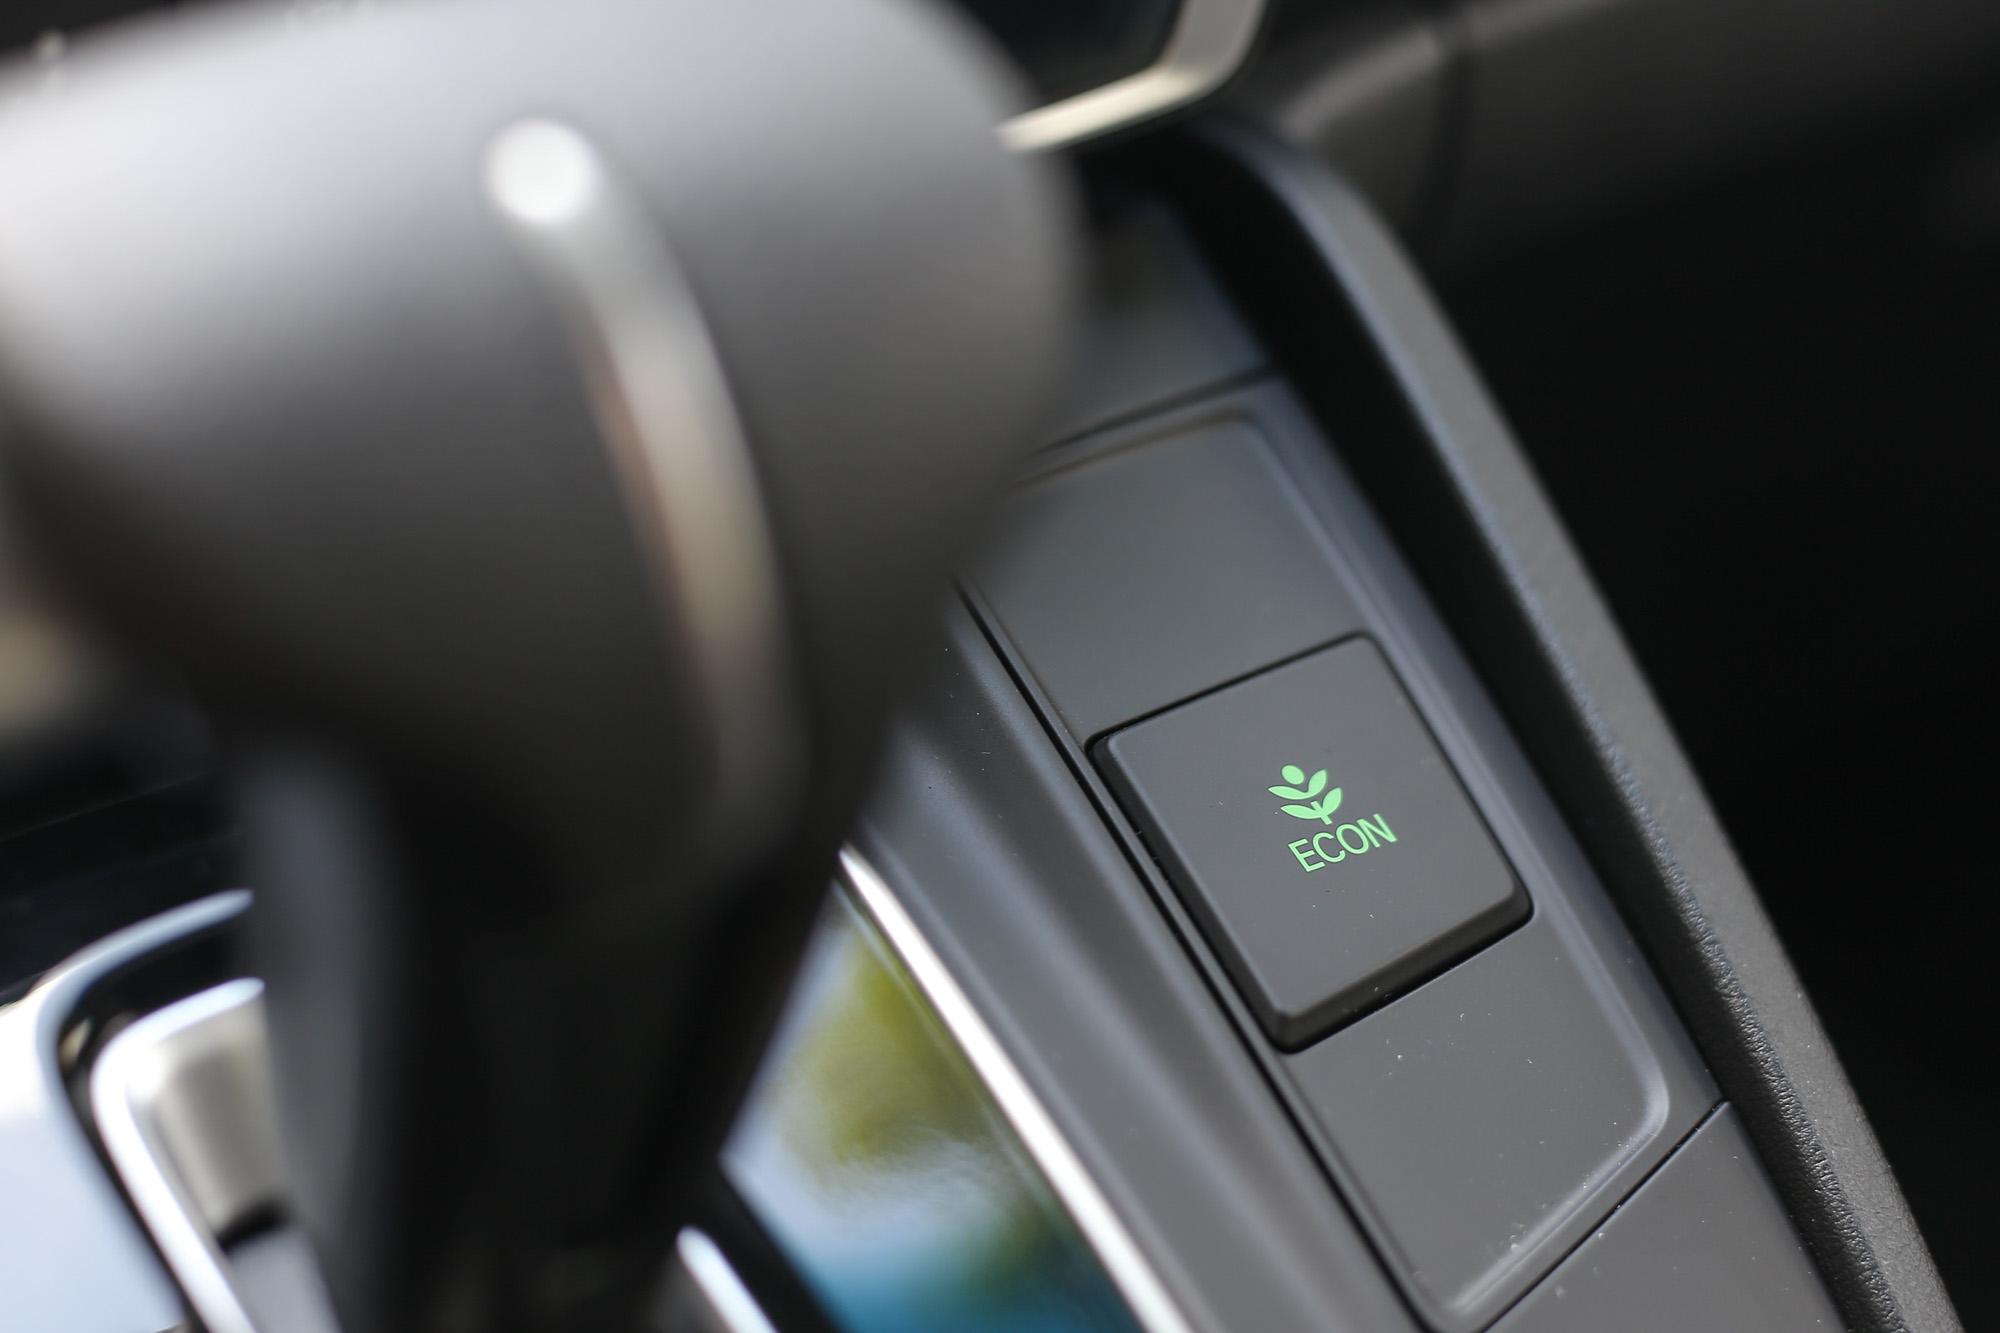 具有 ECON 節能模式,原廠公布平均油耗可達 14.7km/L。